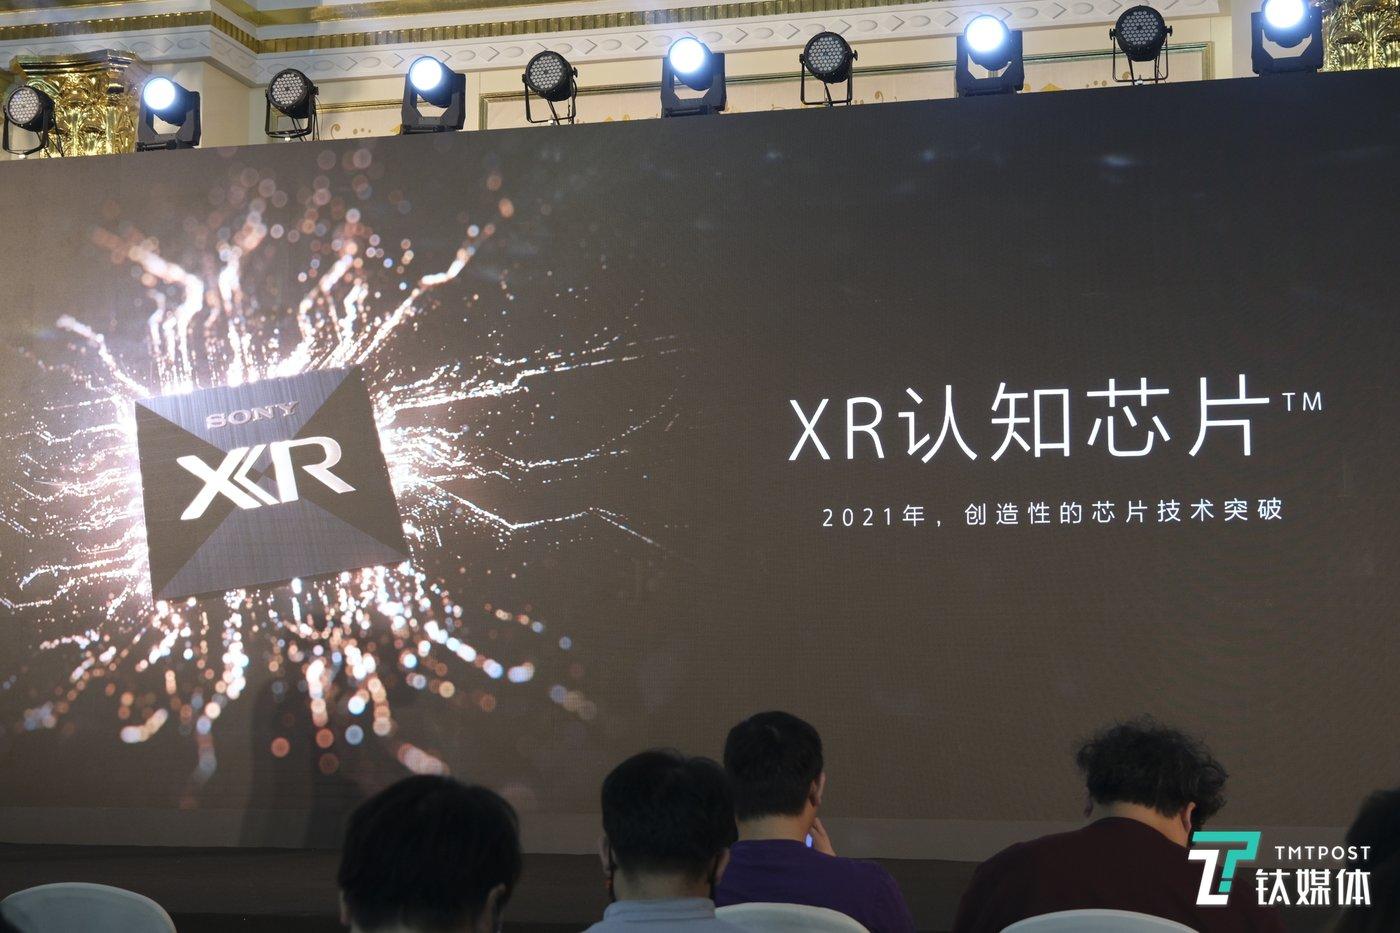 XR认知芯片